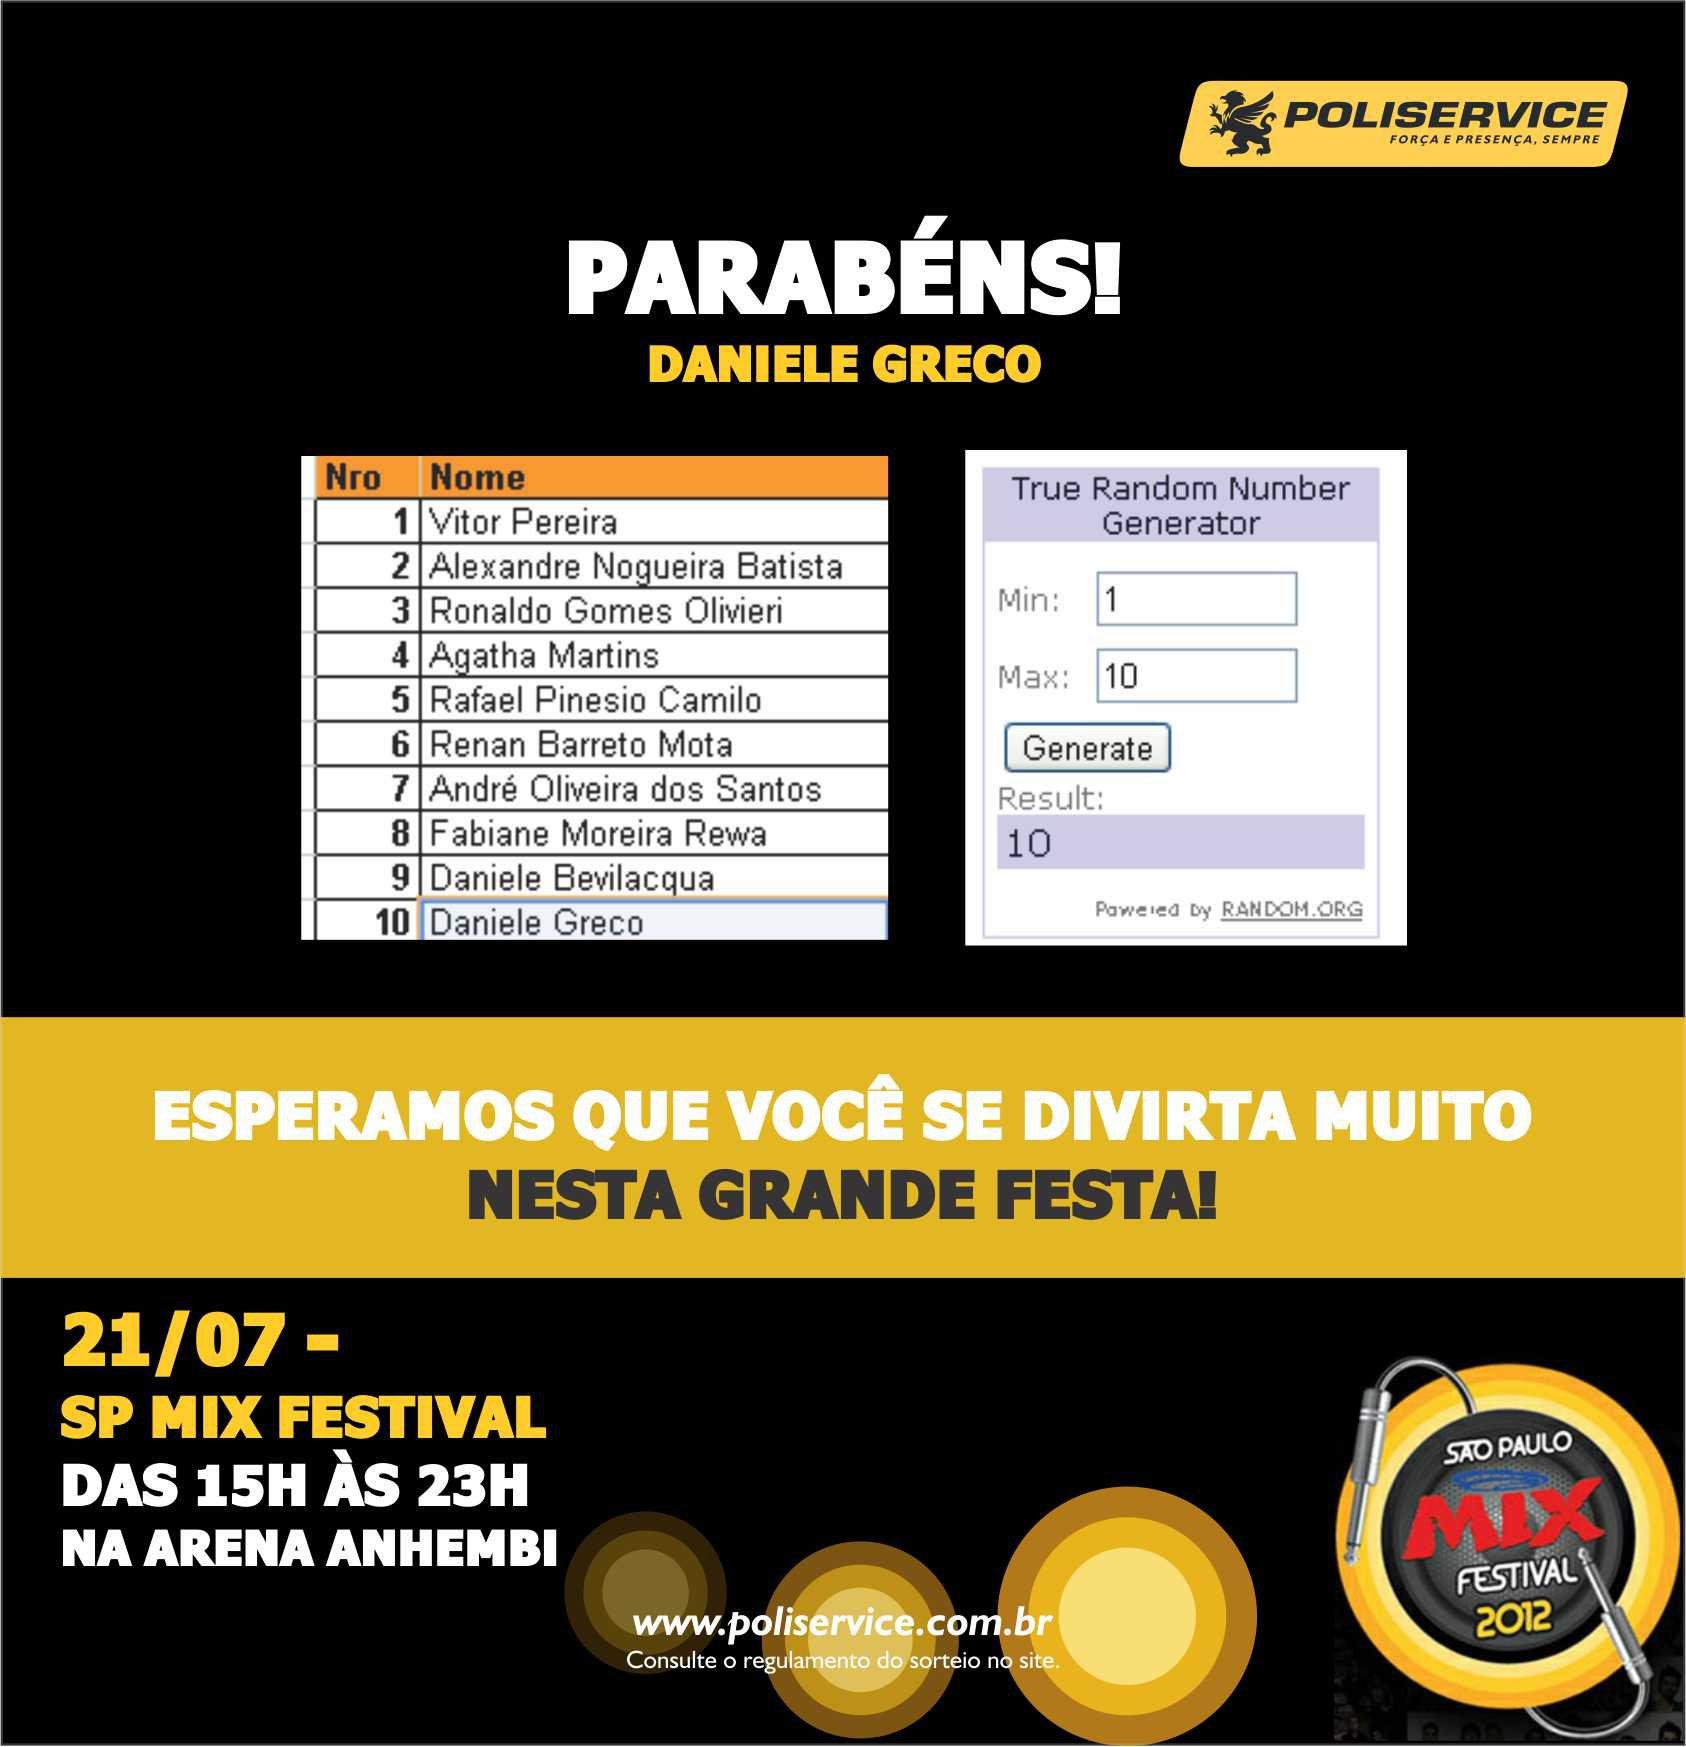 2012 07 20 - SP MIX FESTIVAL SORTEIO 031